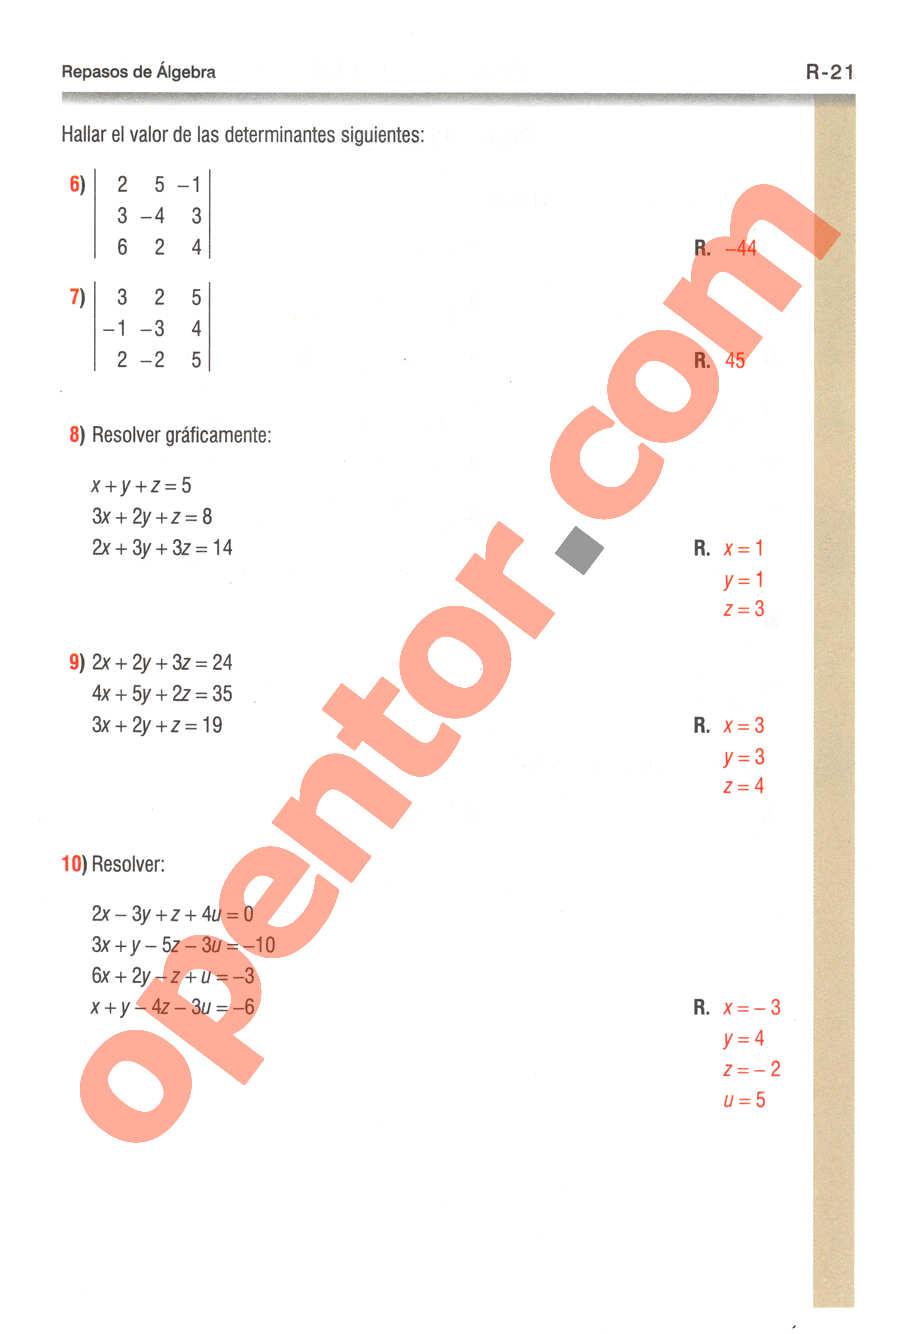 Geometría y Trigonometría de Baldor - Página R21